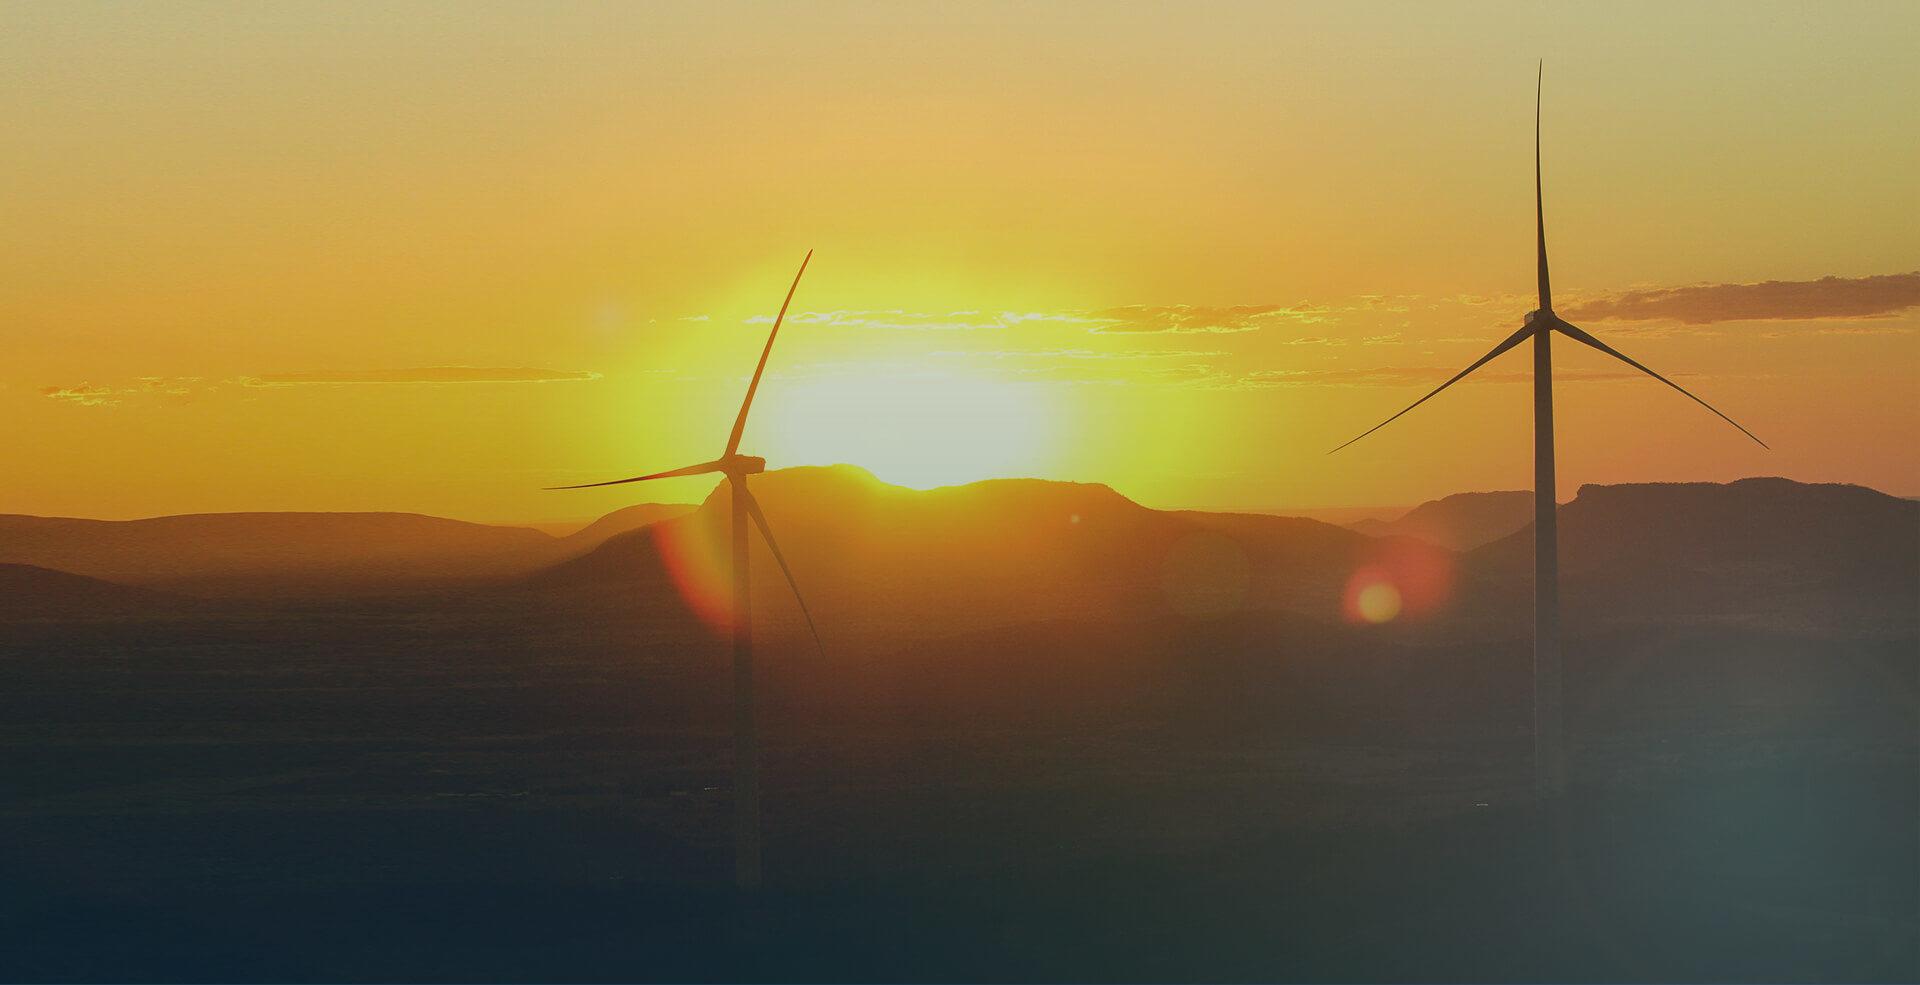 amb eolica